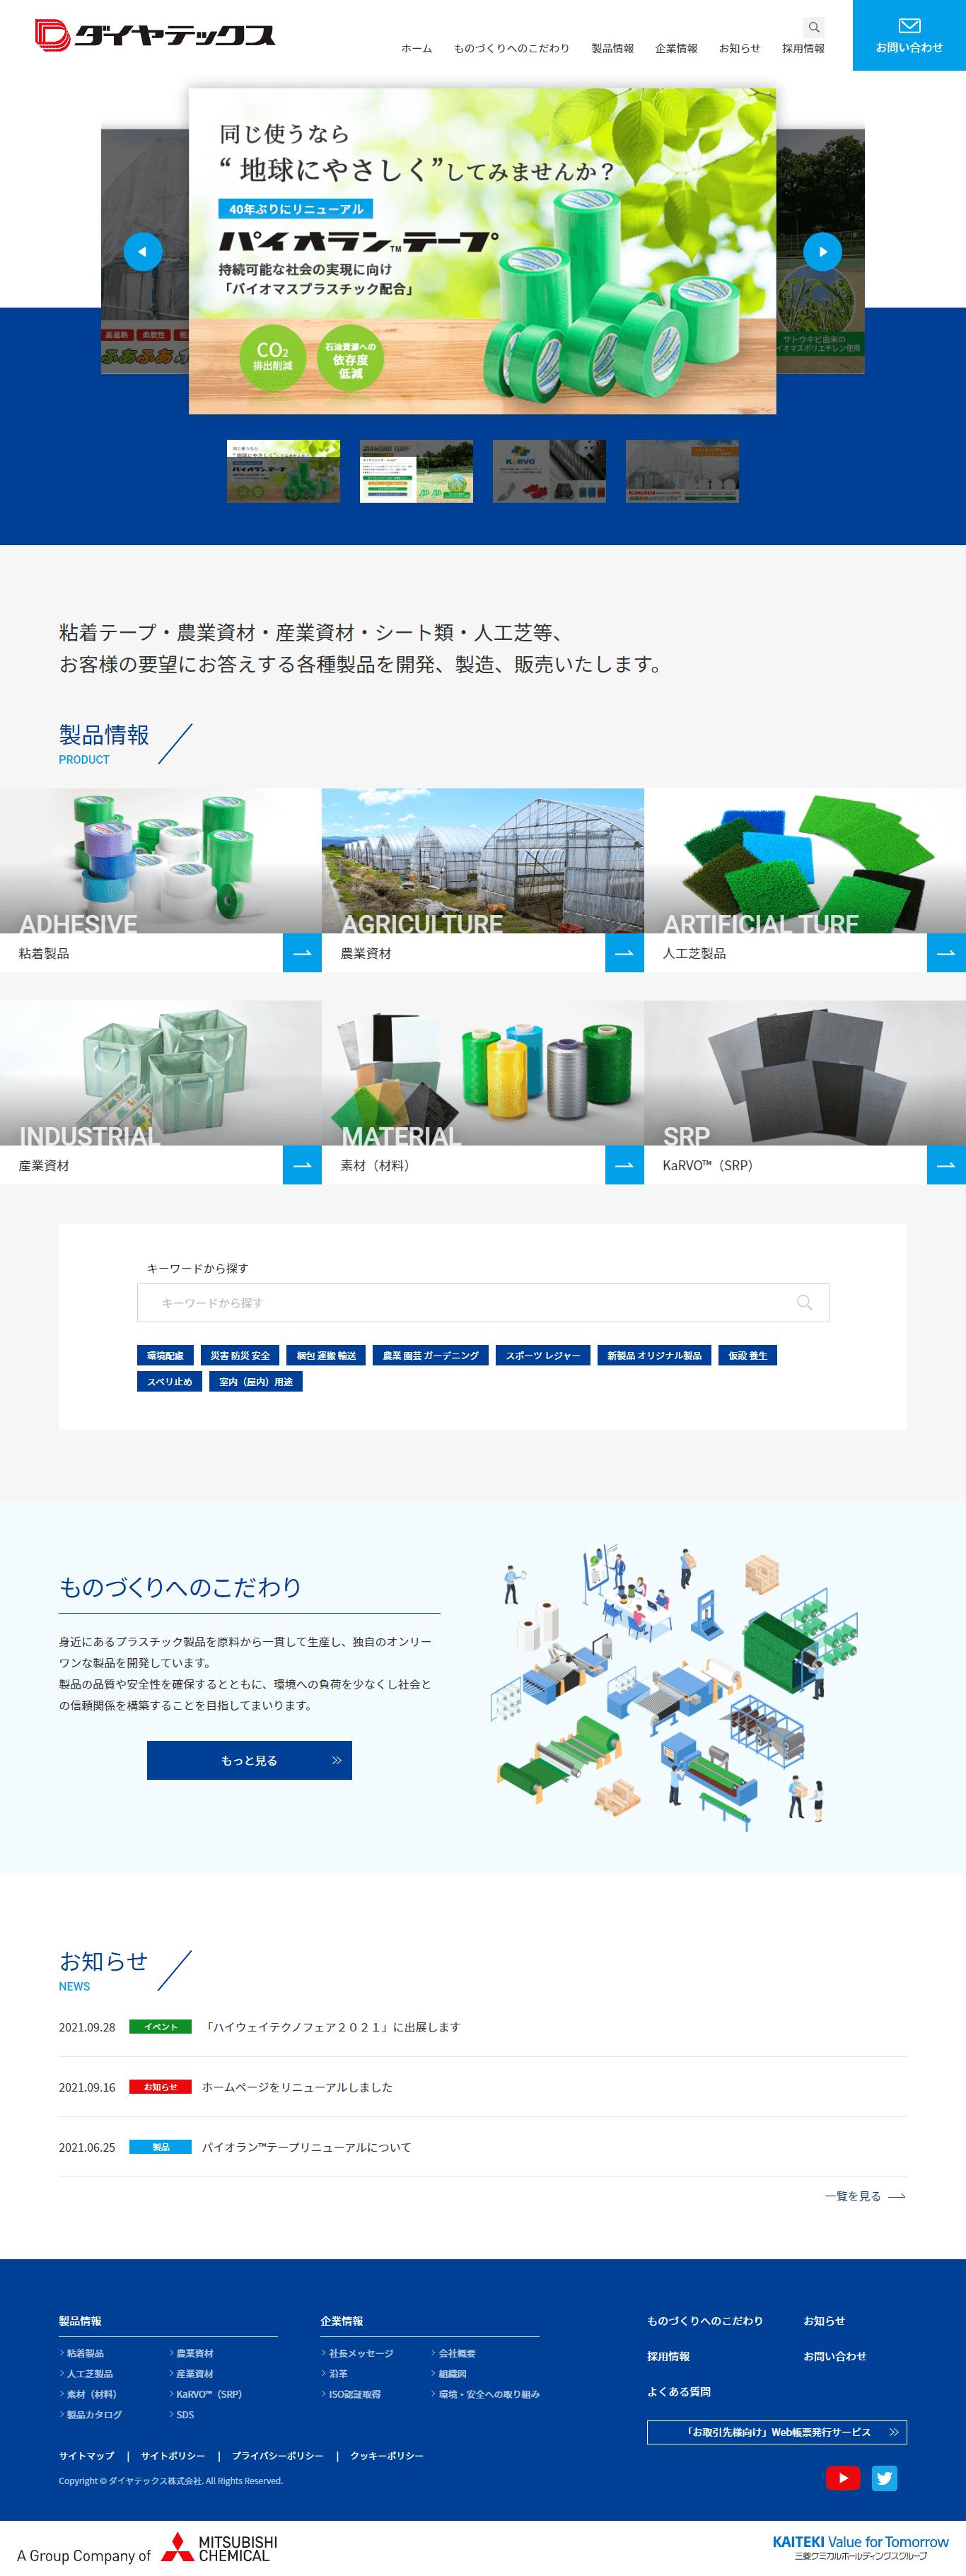 ダイヤテックス株式会社